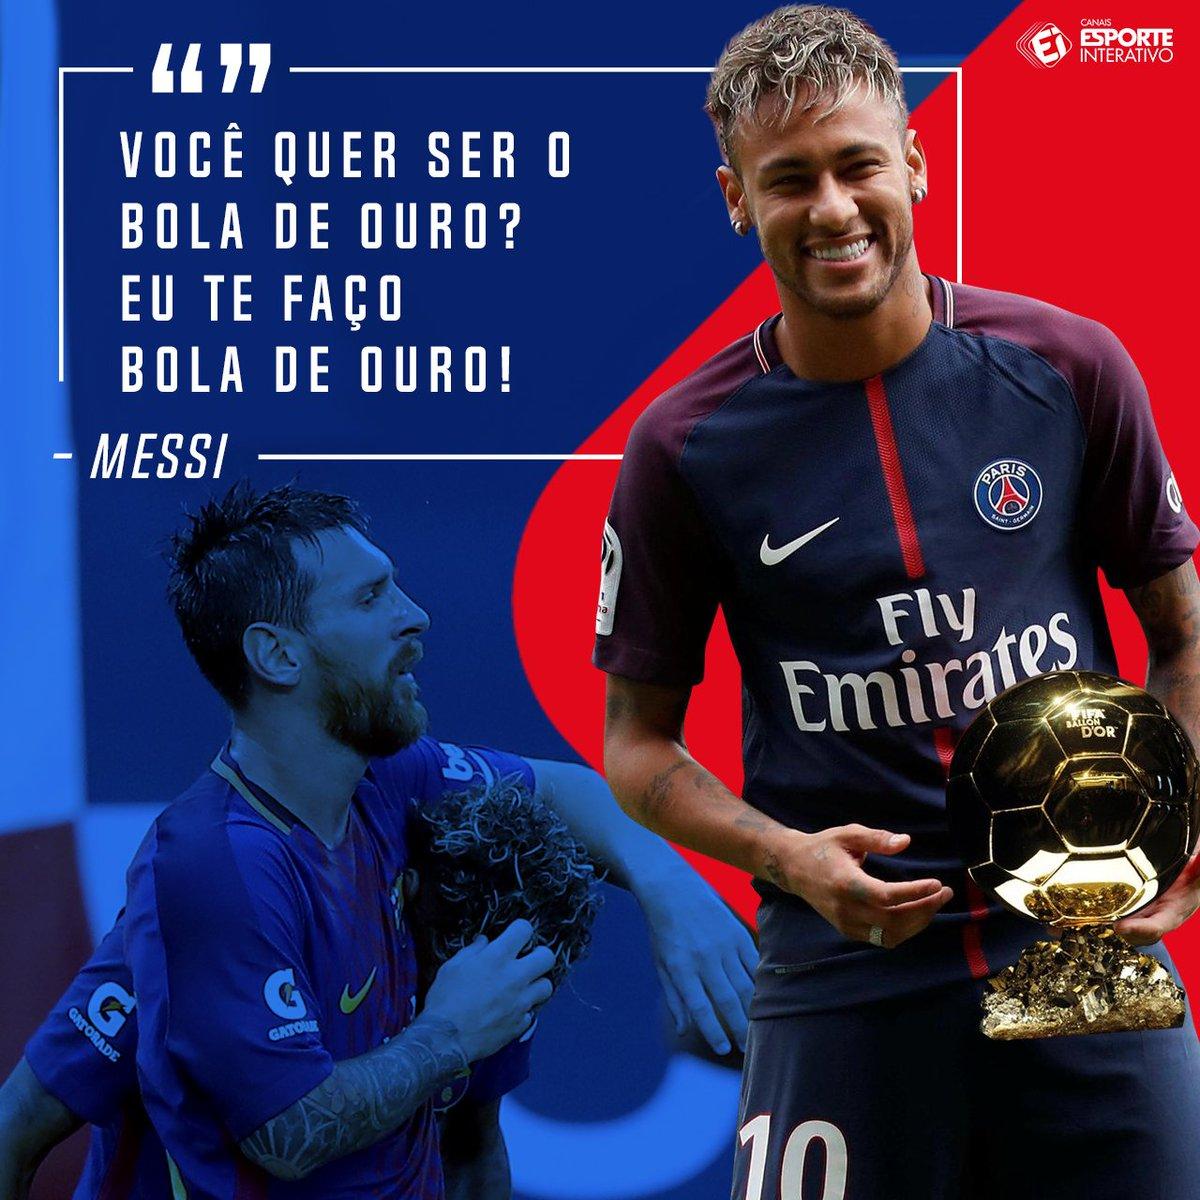 De acordo com o Sport, Messi também tentou manter o @neymarjr no Barça com essas palavras! Parece que não adiantou muito... 😬